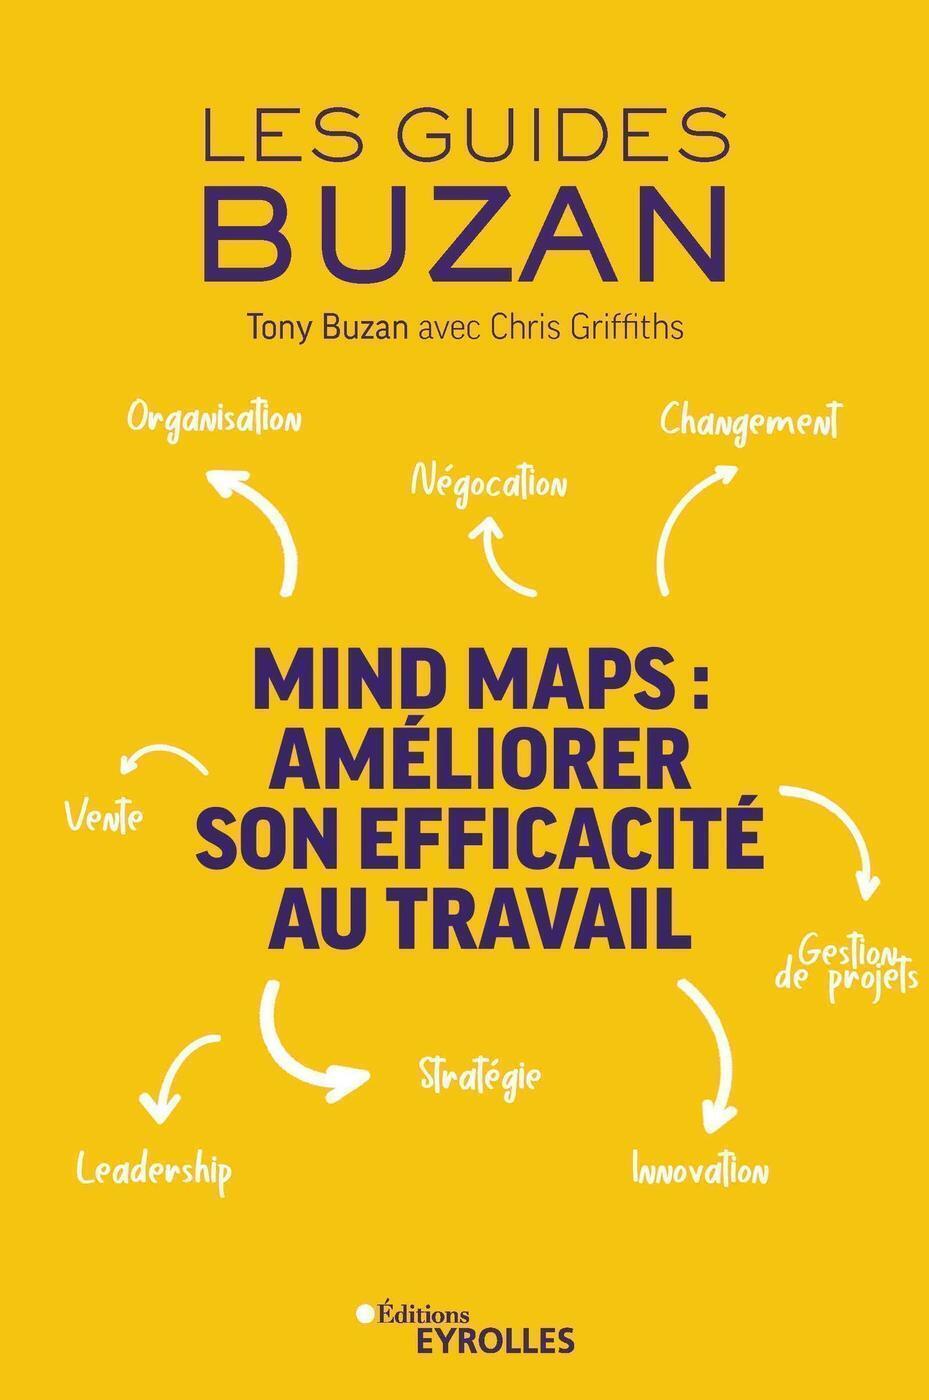 MIND MAPS : AMELIORER SON EFFICACITE AU TRAVAIL - ORGANISATION - NEGOCIATION - CHANGEMENT - VENTE -